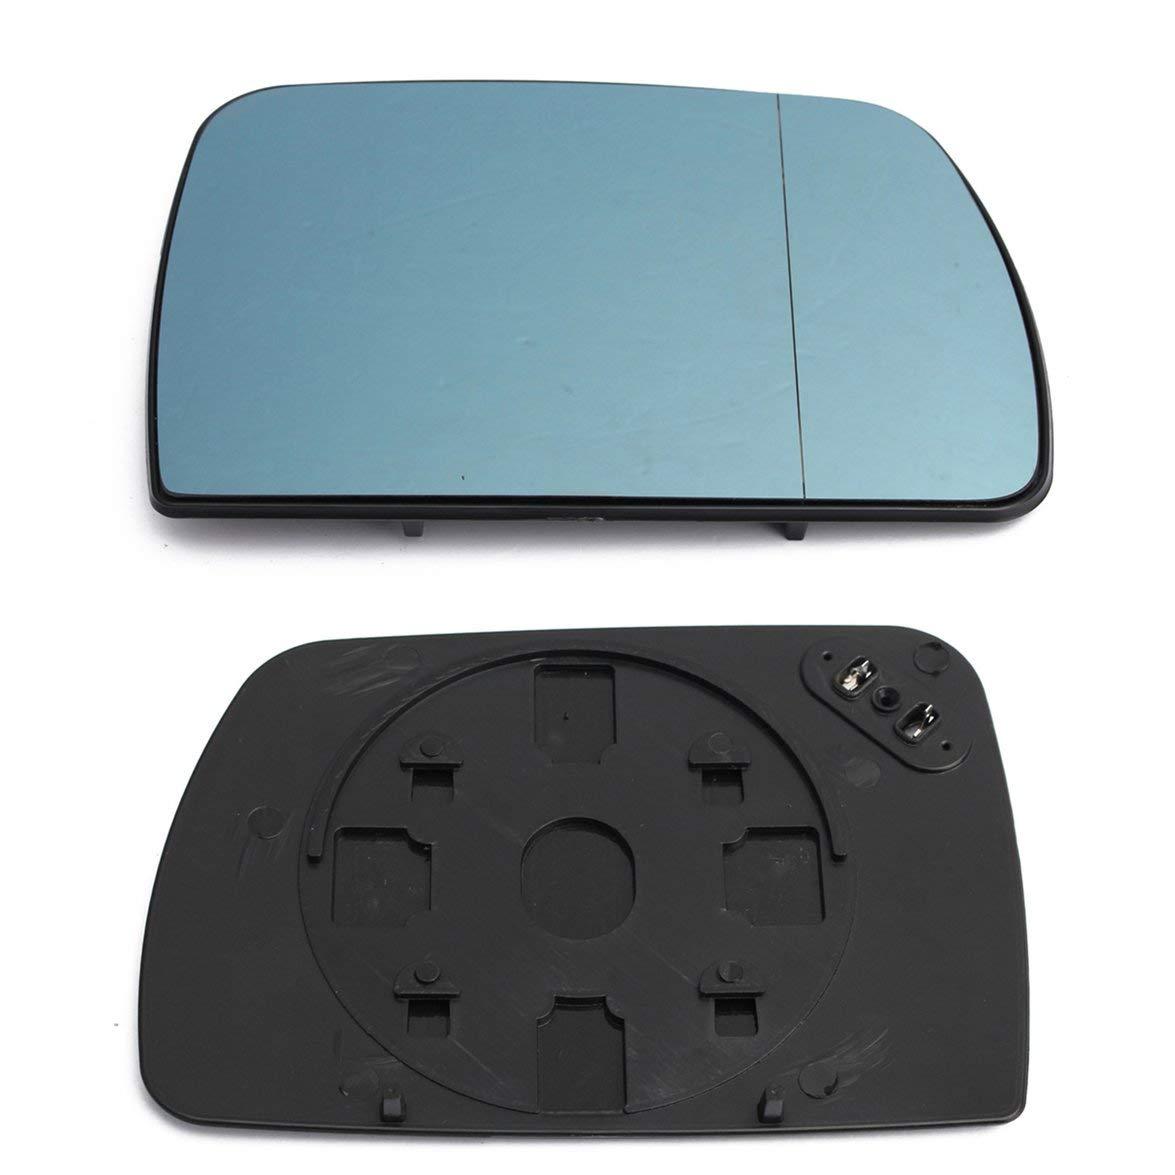 Kongqiabona Grand Miroir en Verre chauff/é Bleu r/étroviseur pour BMW X5 E53 00-06